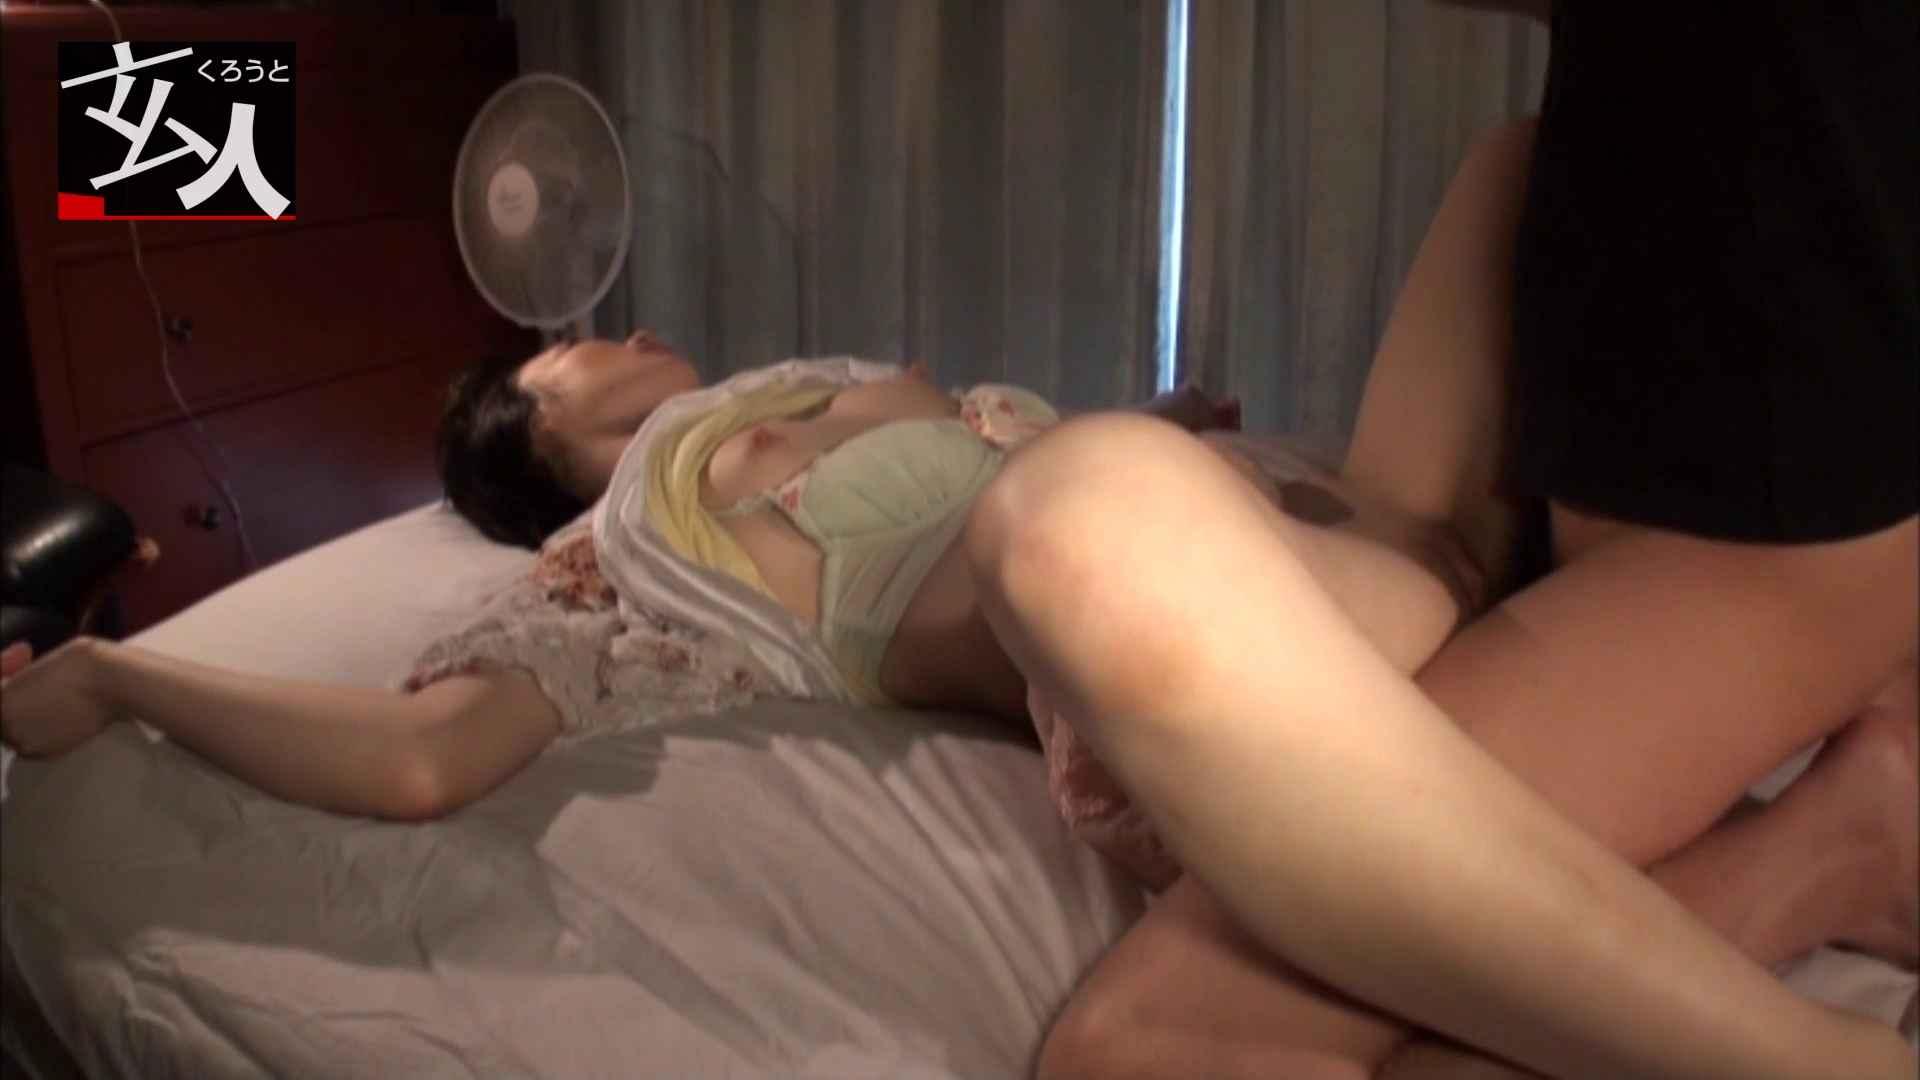 「邪淫無限ループ」変質者拉致~失われた自由~ つるのゆう 中出し   セックス  91画像 19